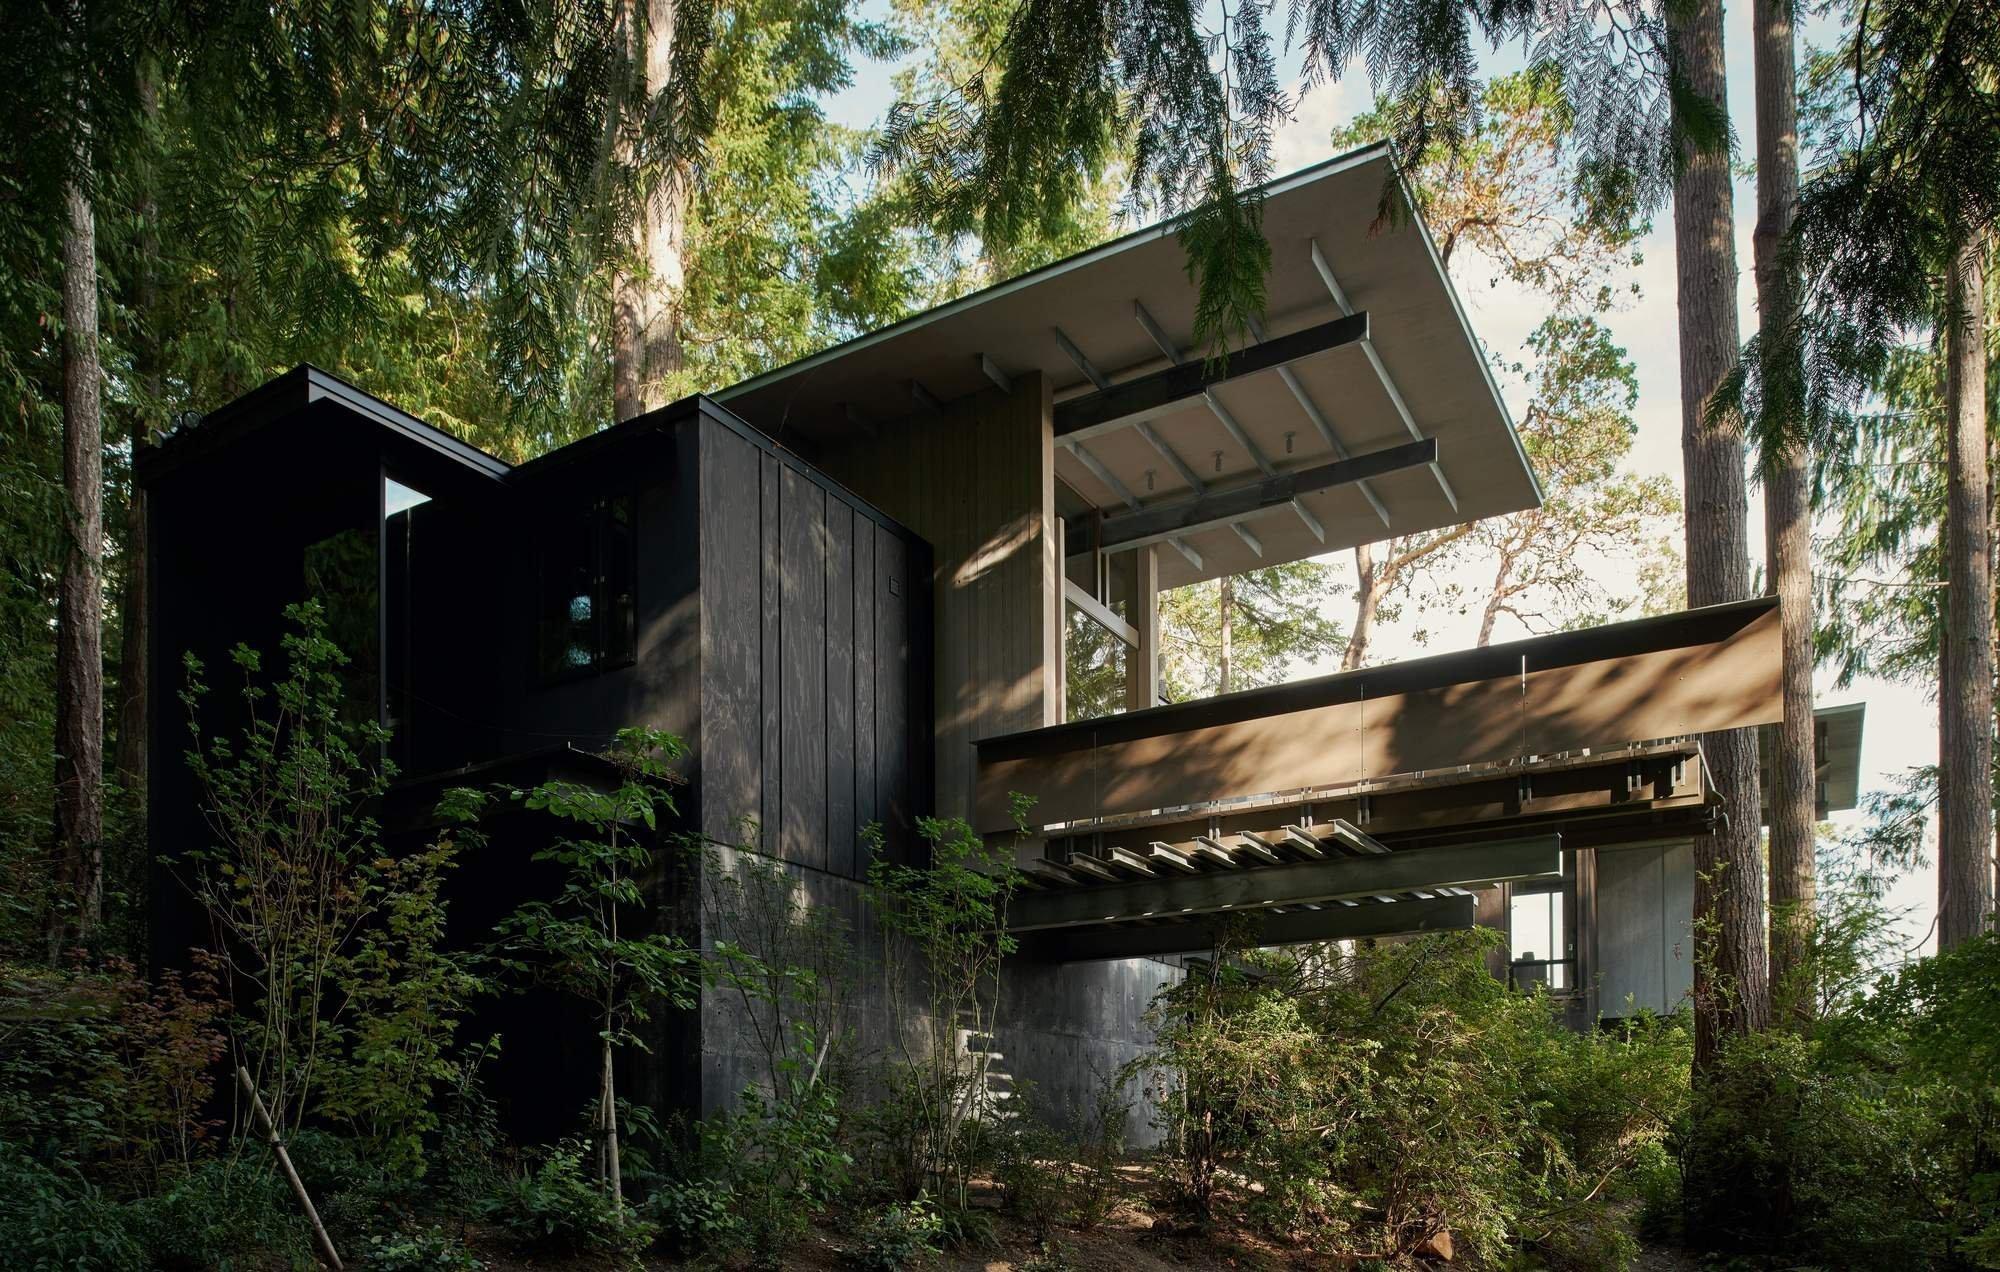 Domov uprostřed lesa budoval přes 60 let